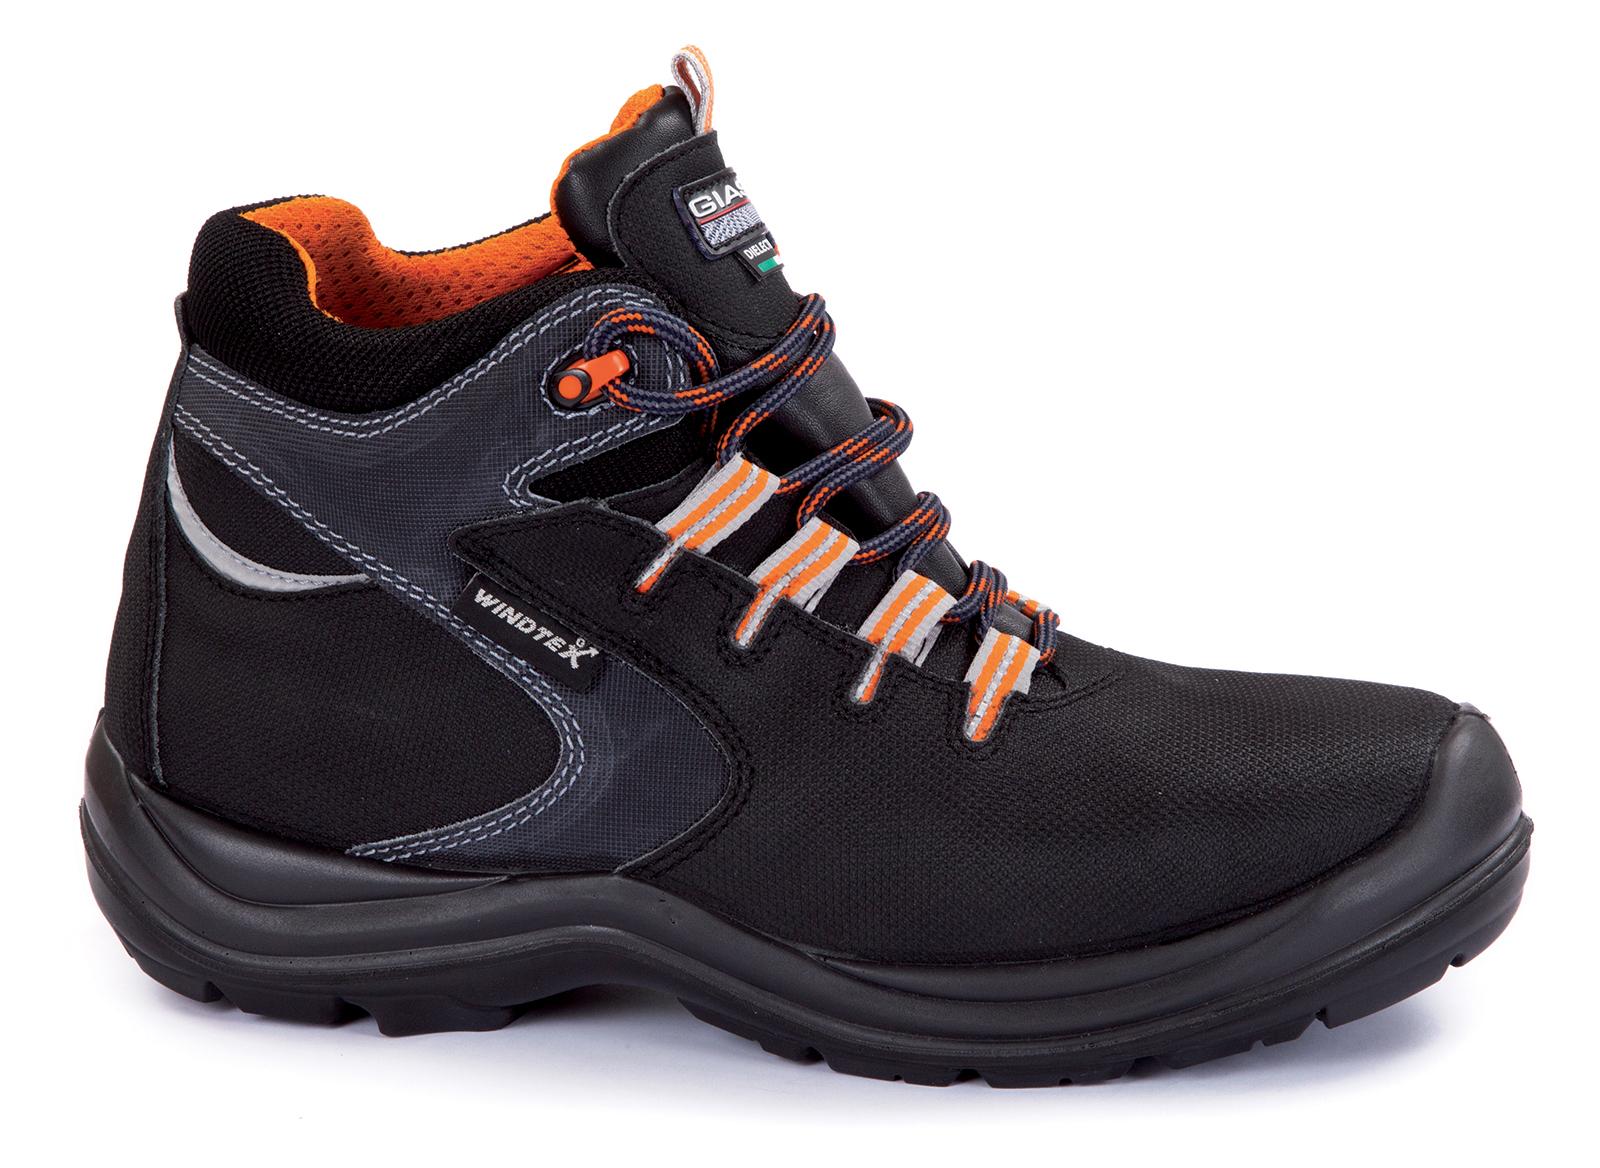 official photos bf53c 9e478 Sicherheis-Schuhe für Elektriker - Kubli Handelsunternehmen